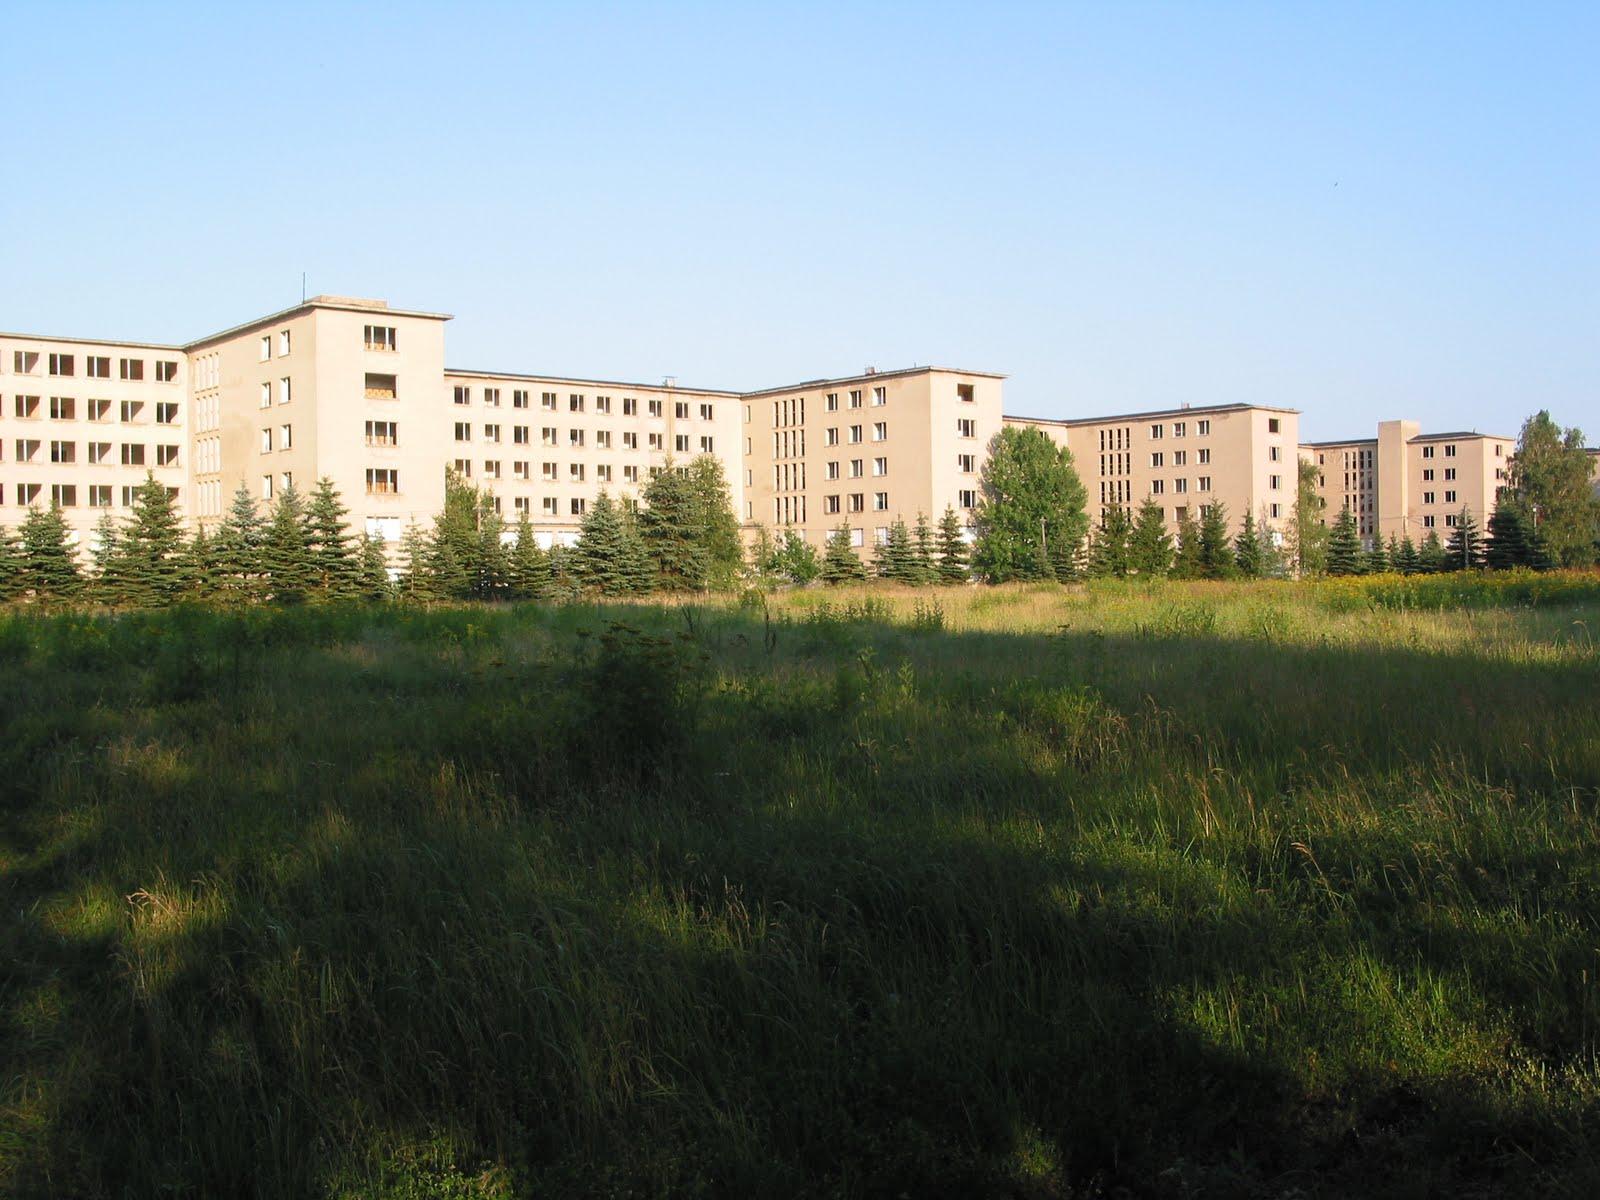 Nazi holiday resort prora rugen germany 2004 jnvr for Nazi holiday resort